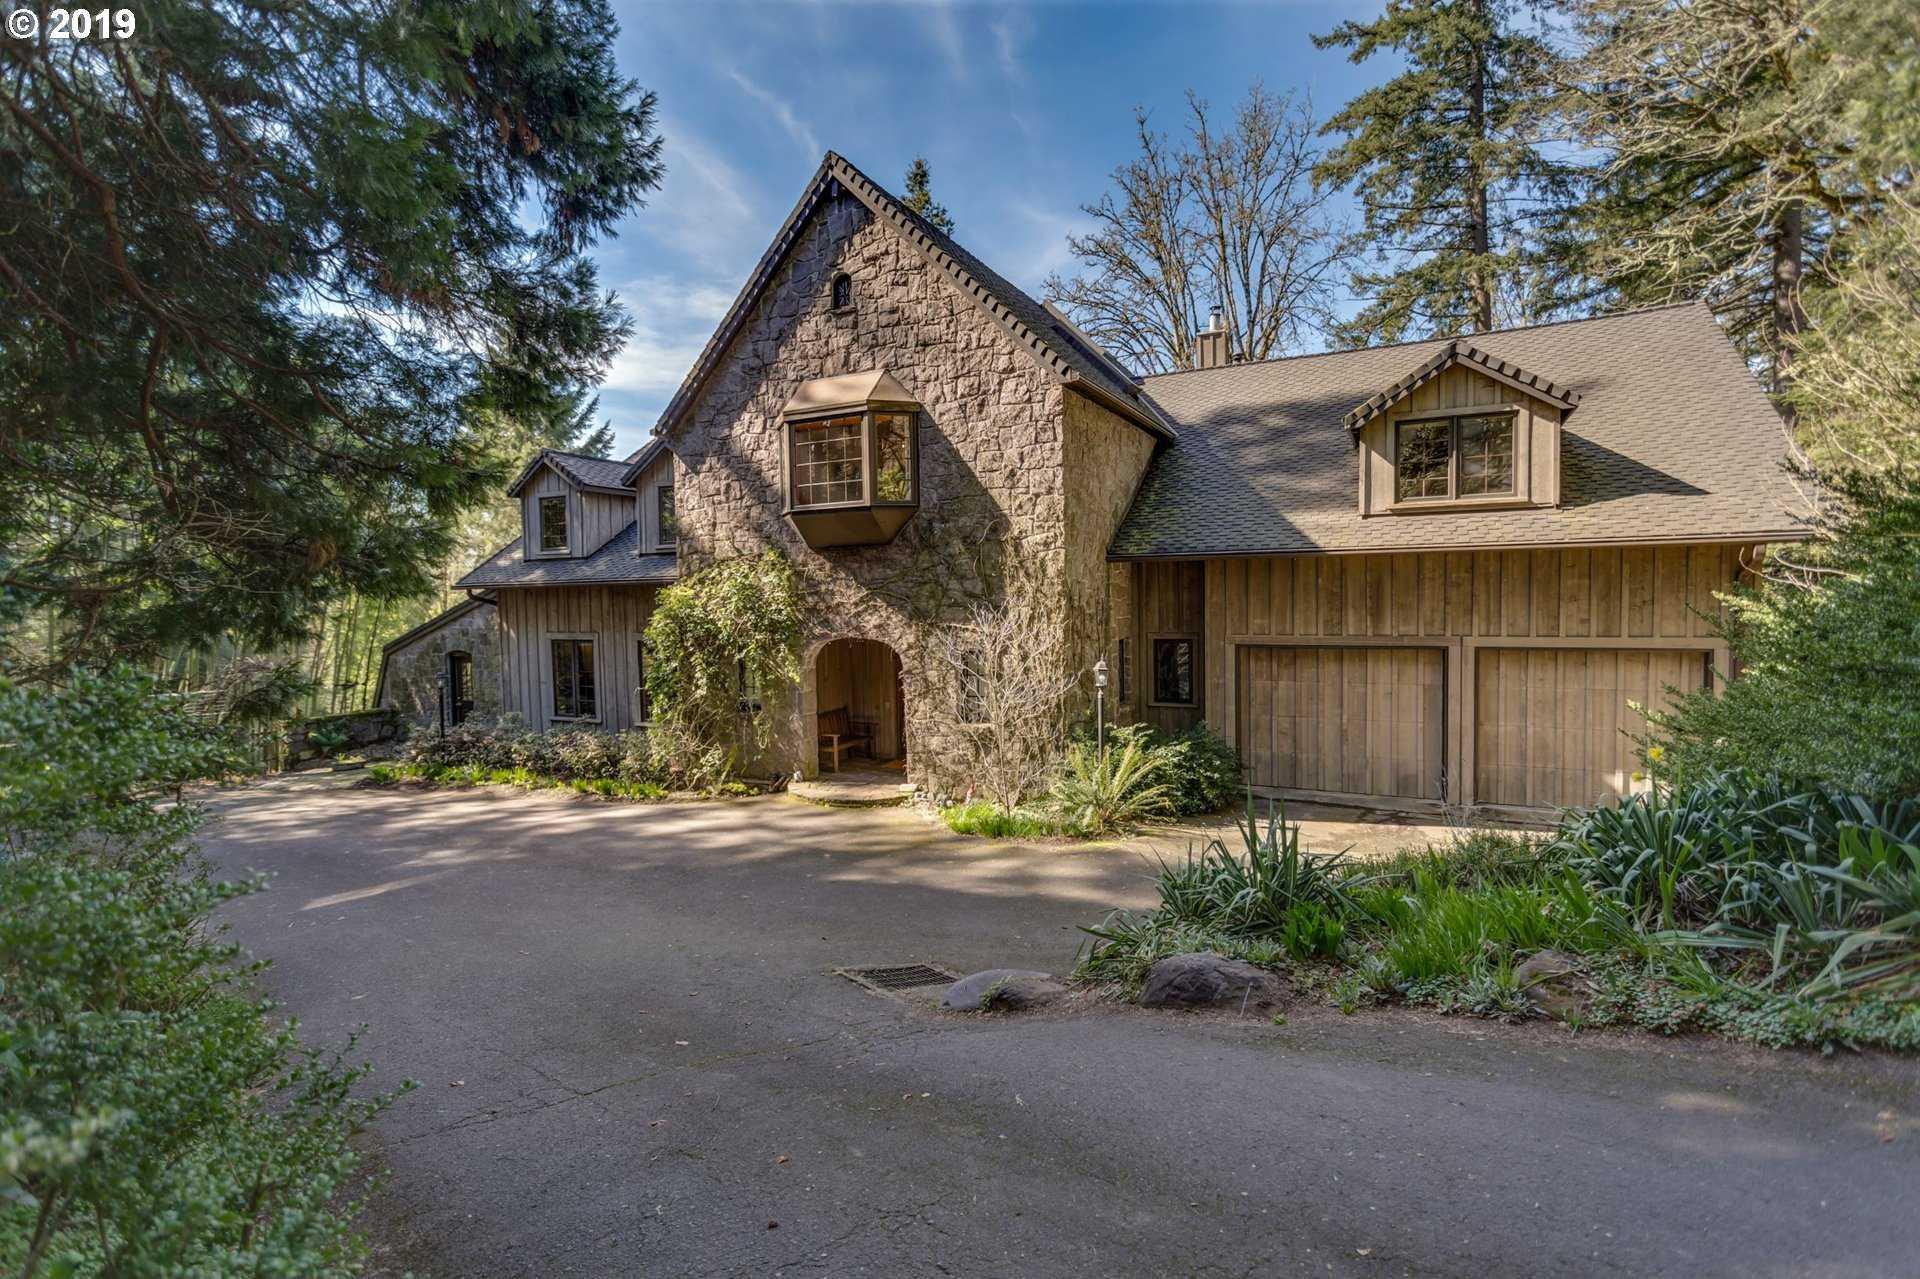 $1,695,000 - 4Br/4Ba -  for Sale in Dunthorpe Riverdale, Portland